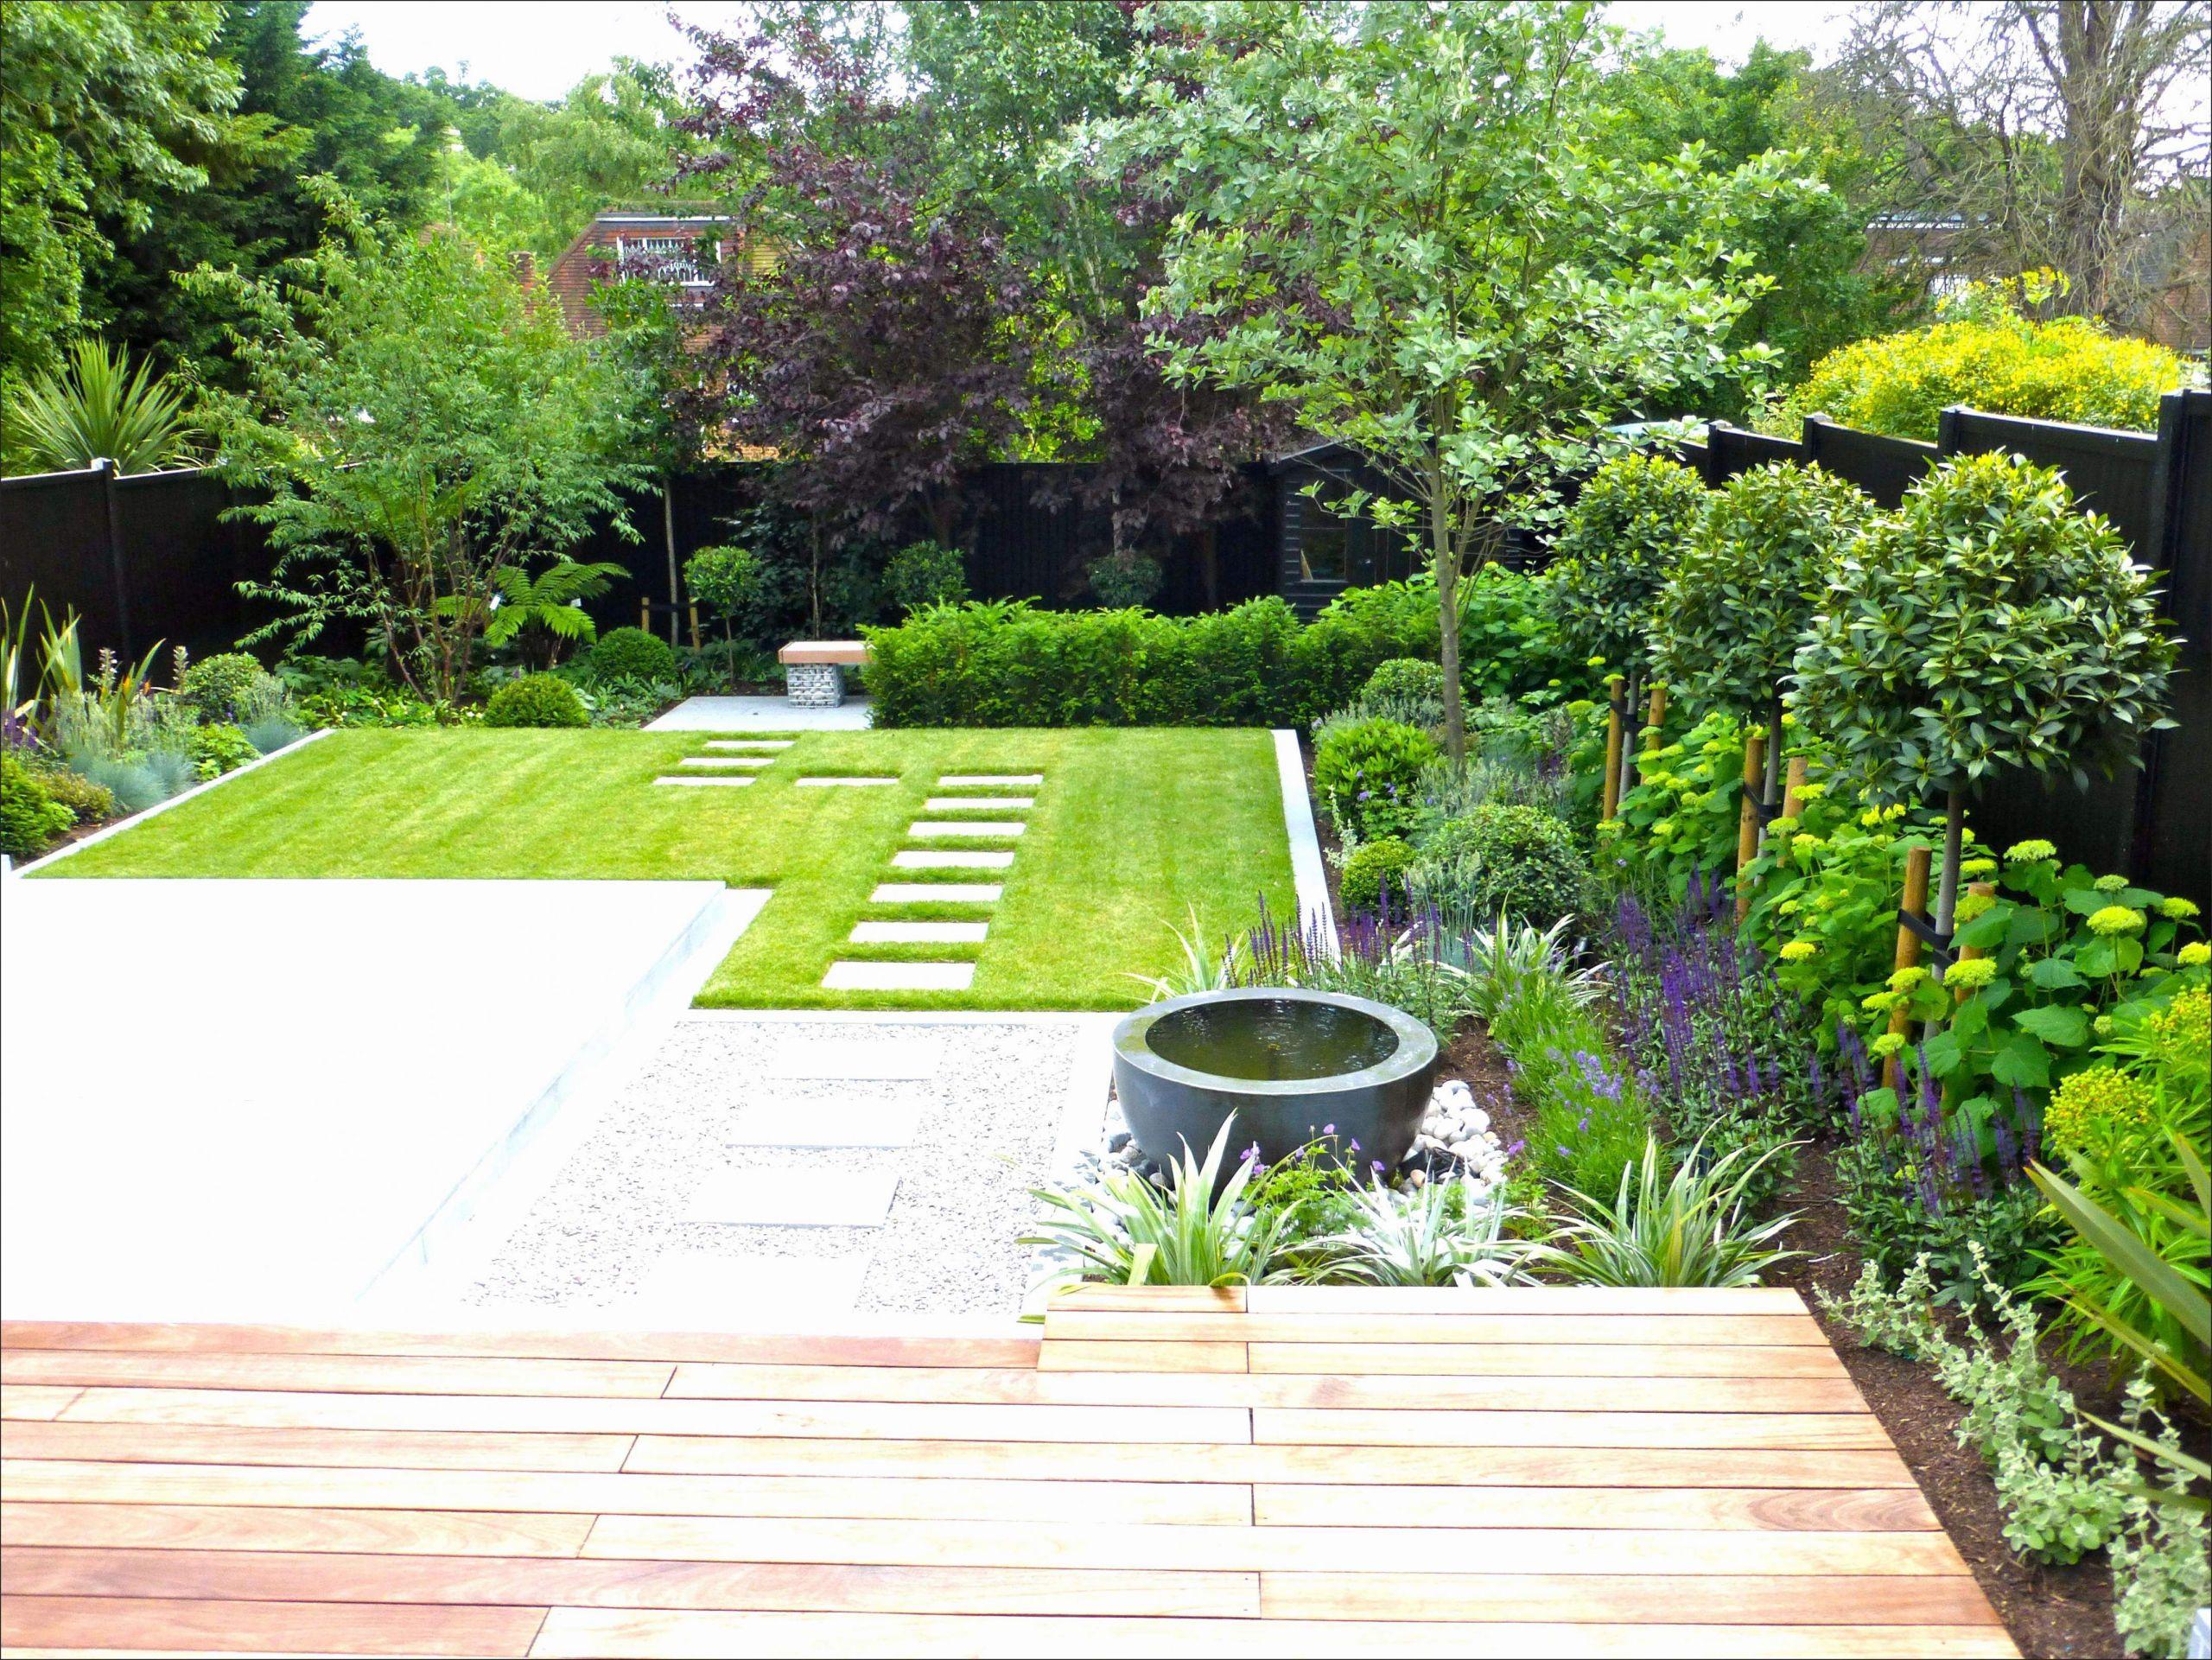 Kreative Ideen Für Den Garten Einzigartig 25 Reizend Gartengestaltung Für Kleine Gärten Genial